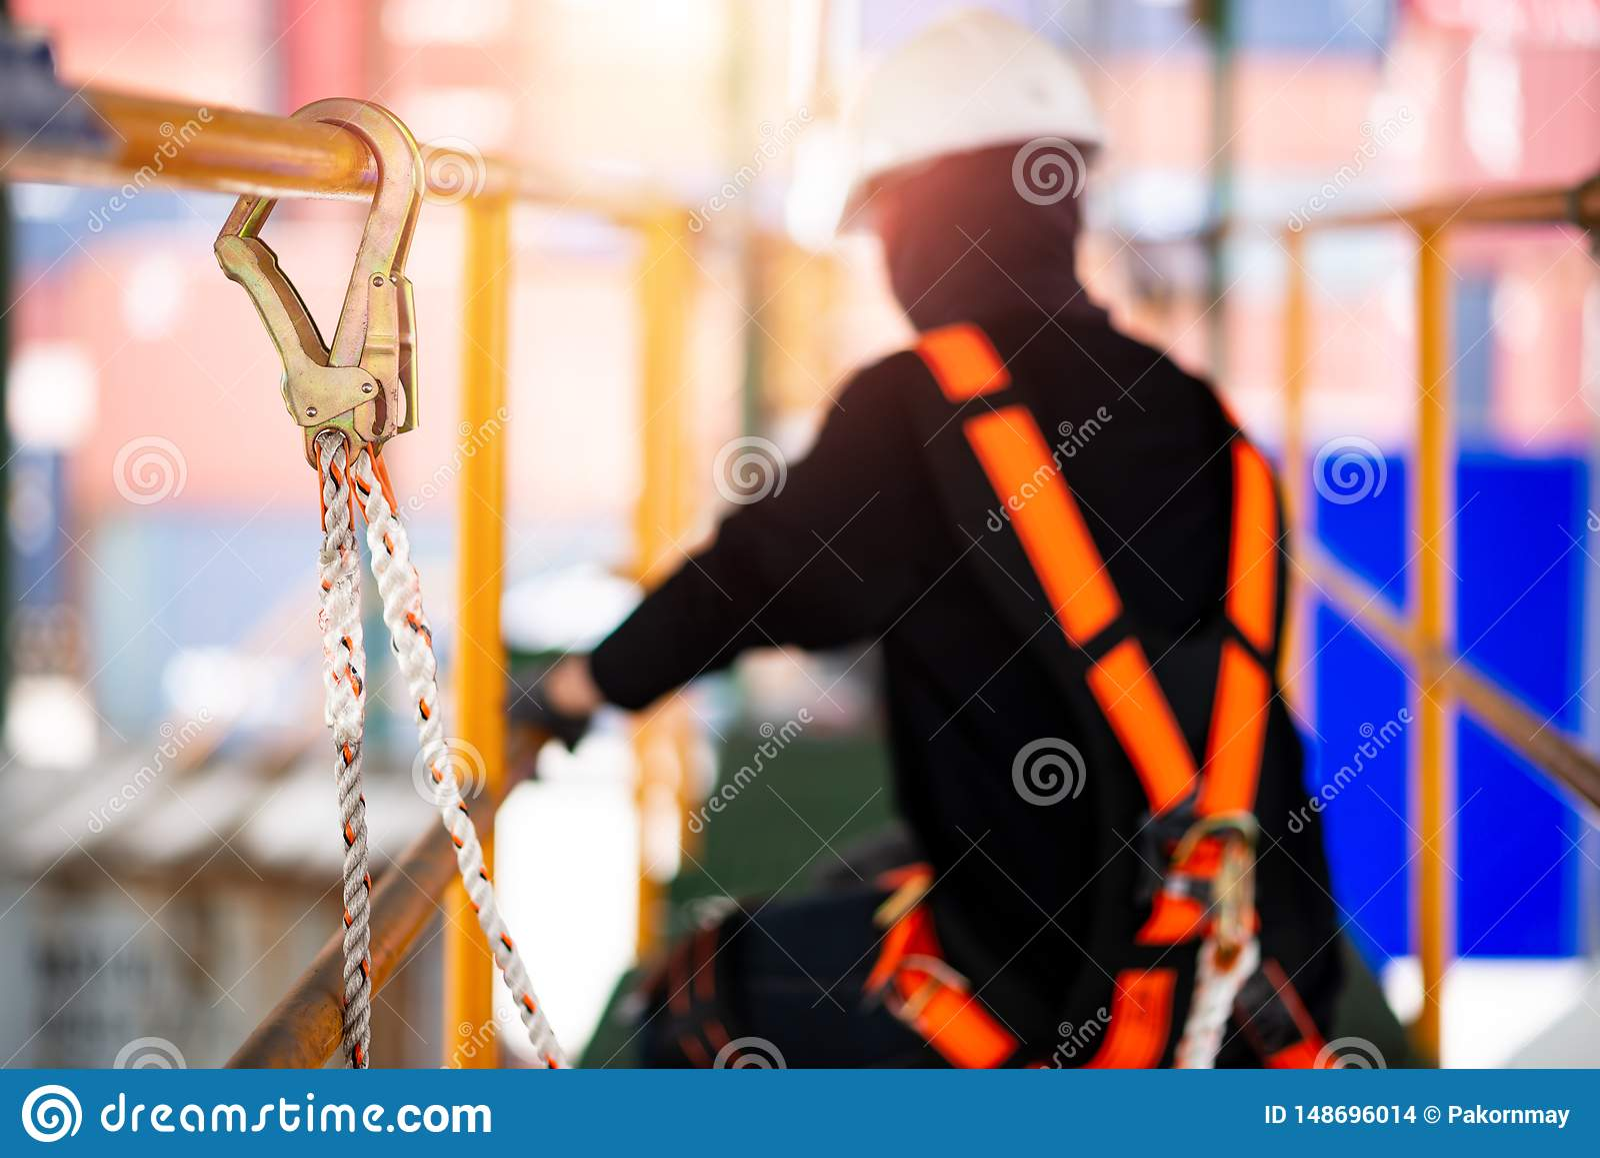 Bouwvakker die veiligheidsuitrusting en veiligheidslijn dragen